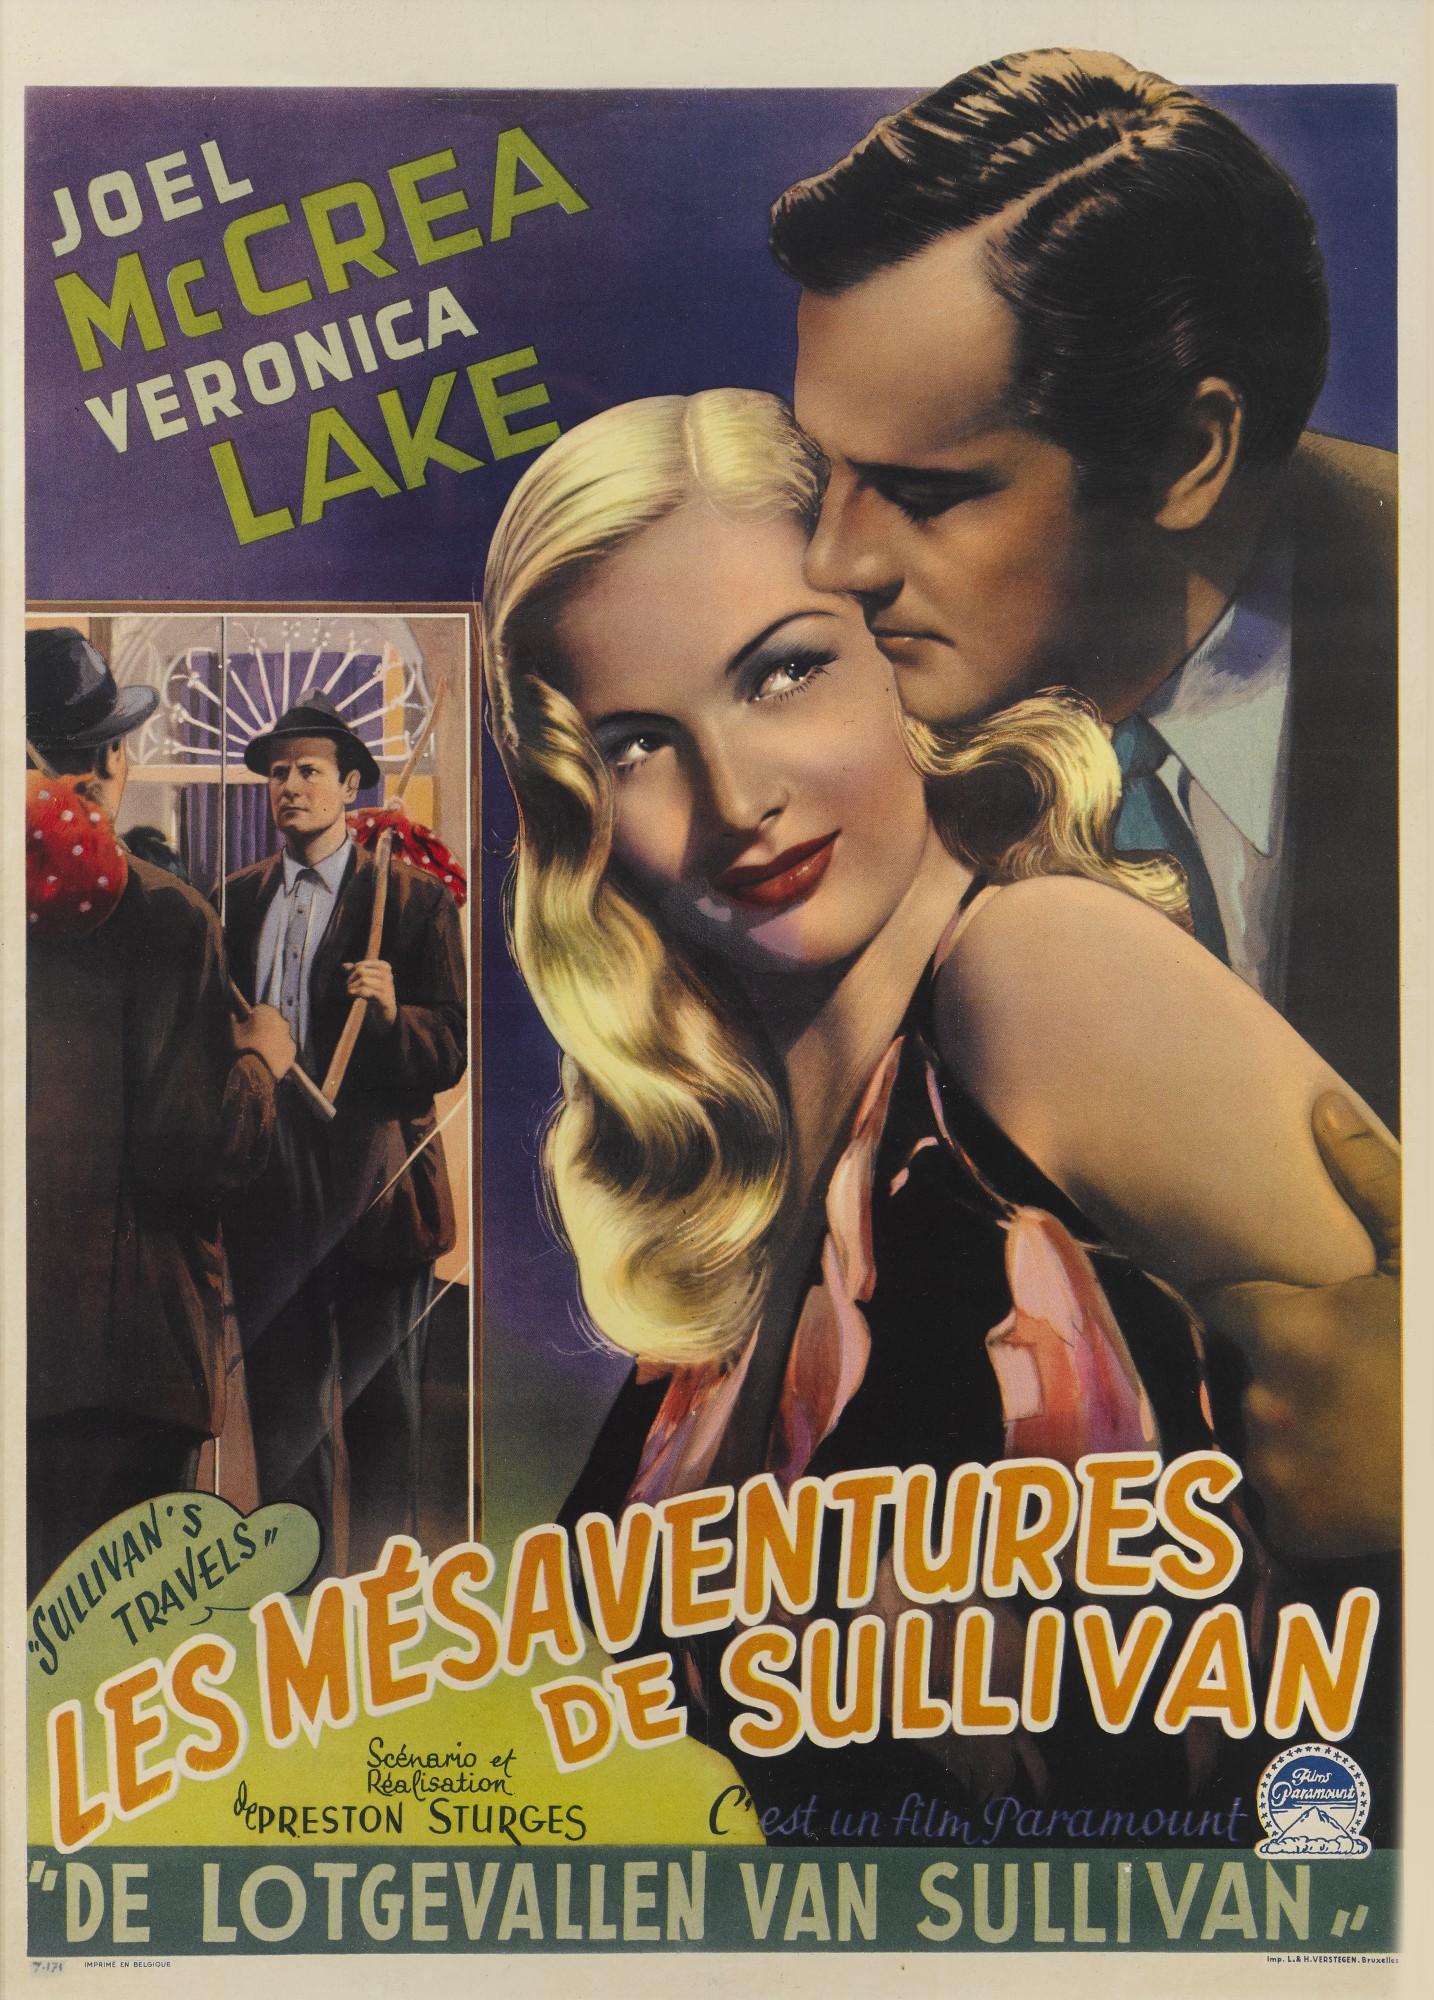 SULLIVAN'S TRAVELS/LES MESAVENTURES DE SULLIVAN (1941) POSTER, BELGIAN